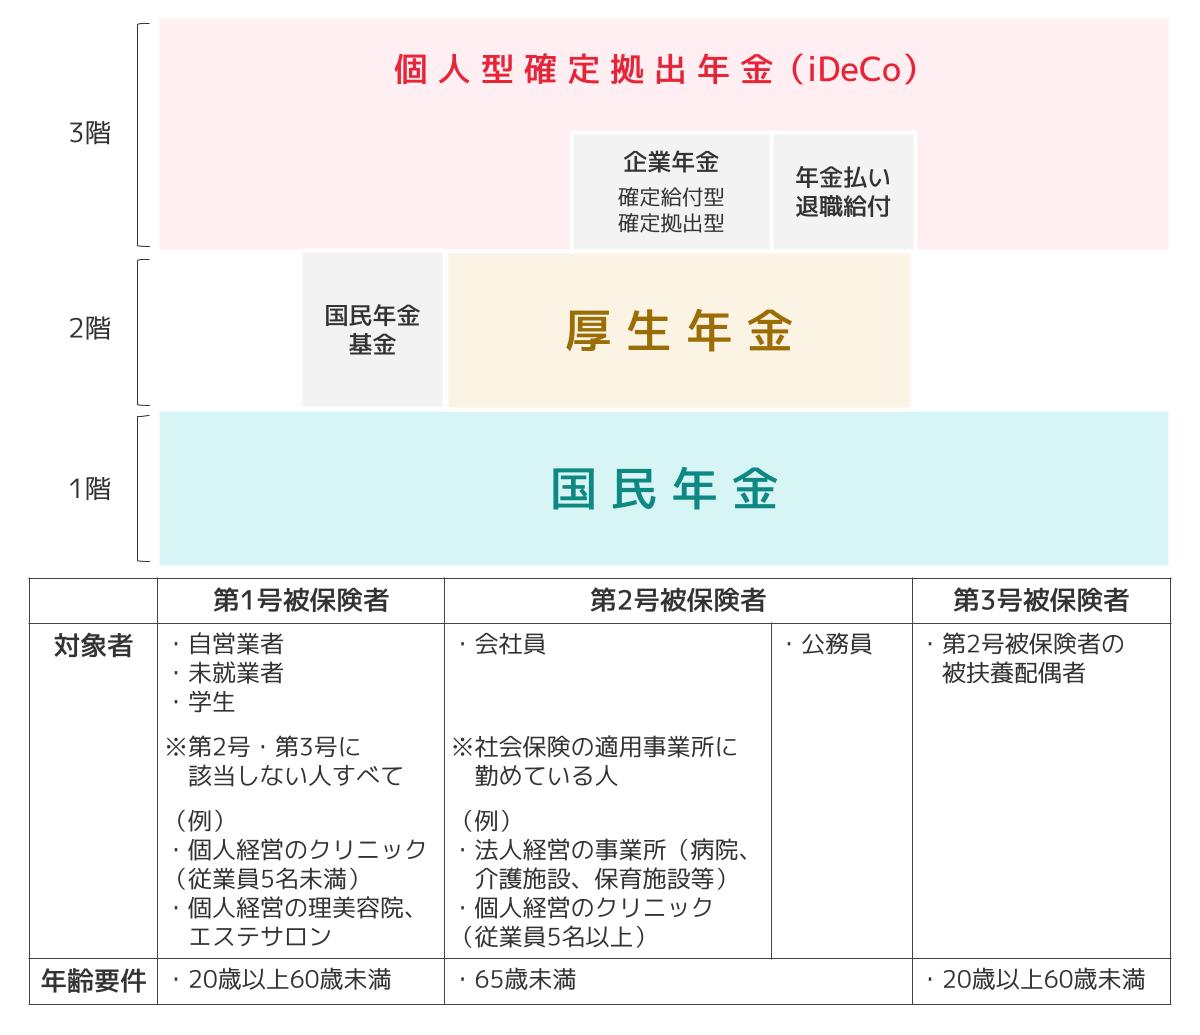 日本の公的年金は国民年金と厚生年金の2階建て